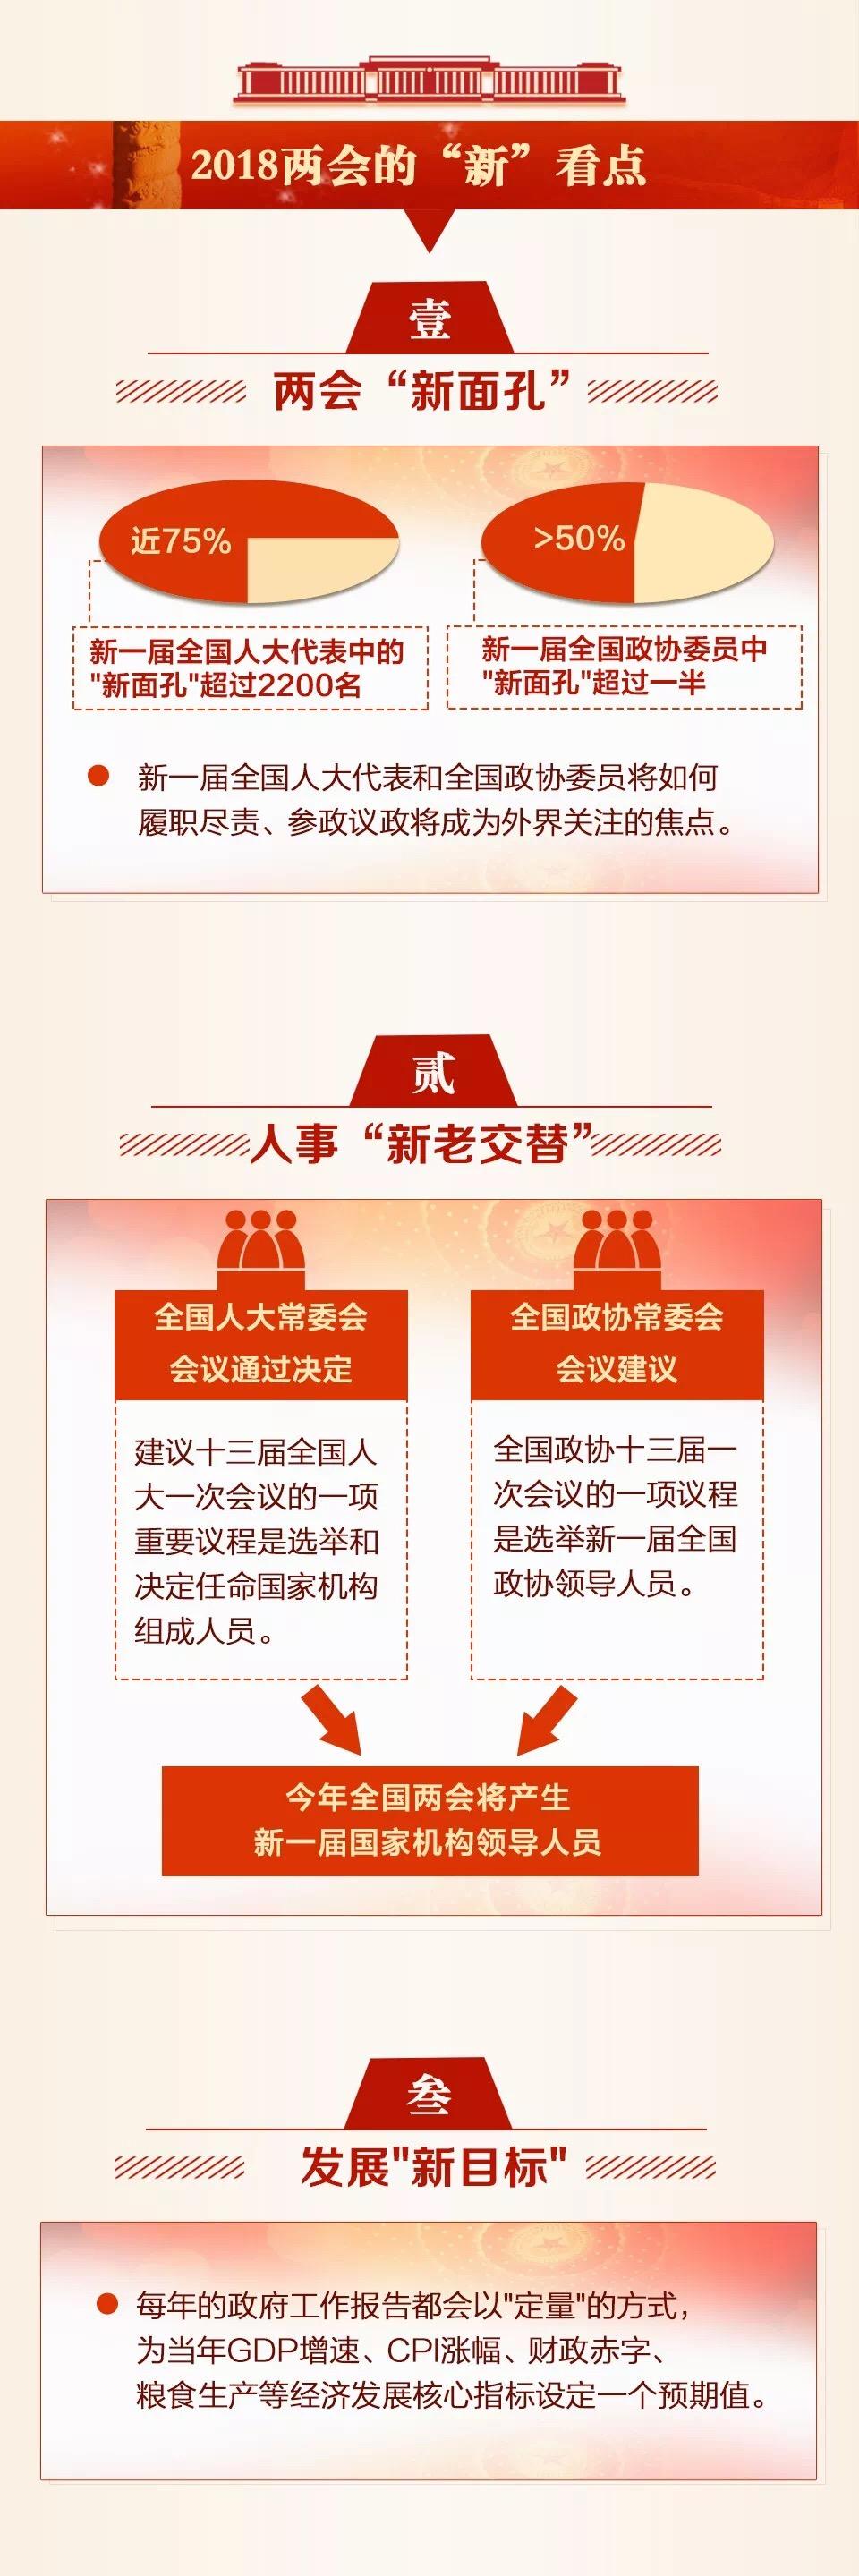 """天津:打通偏远山区司法服务""""最后一公里"""""""